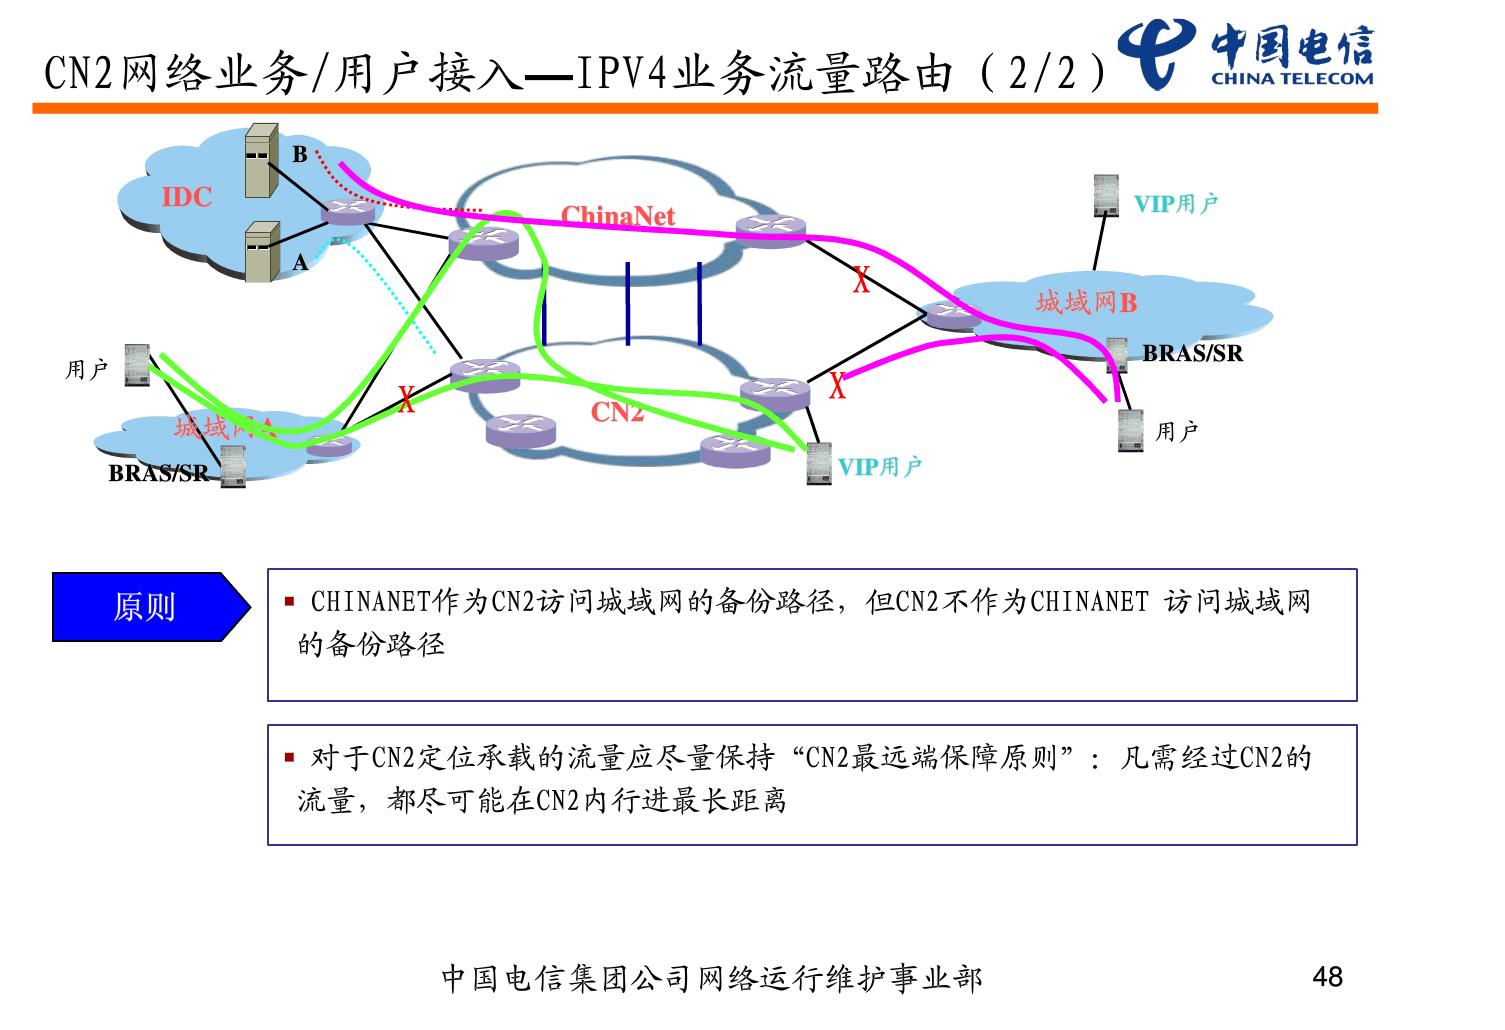 中国电信CN2介绍